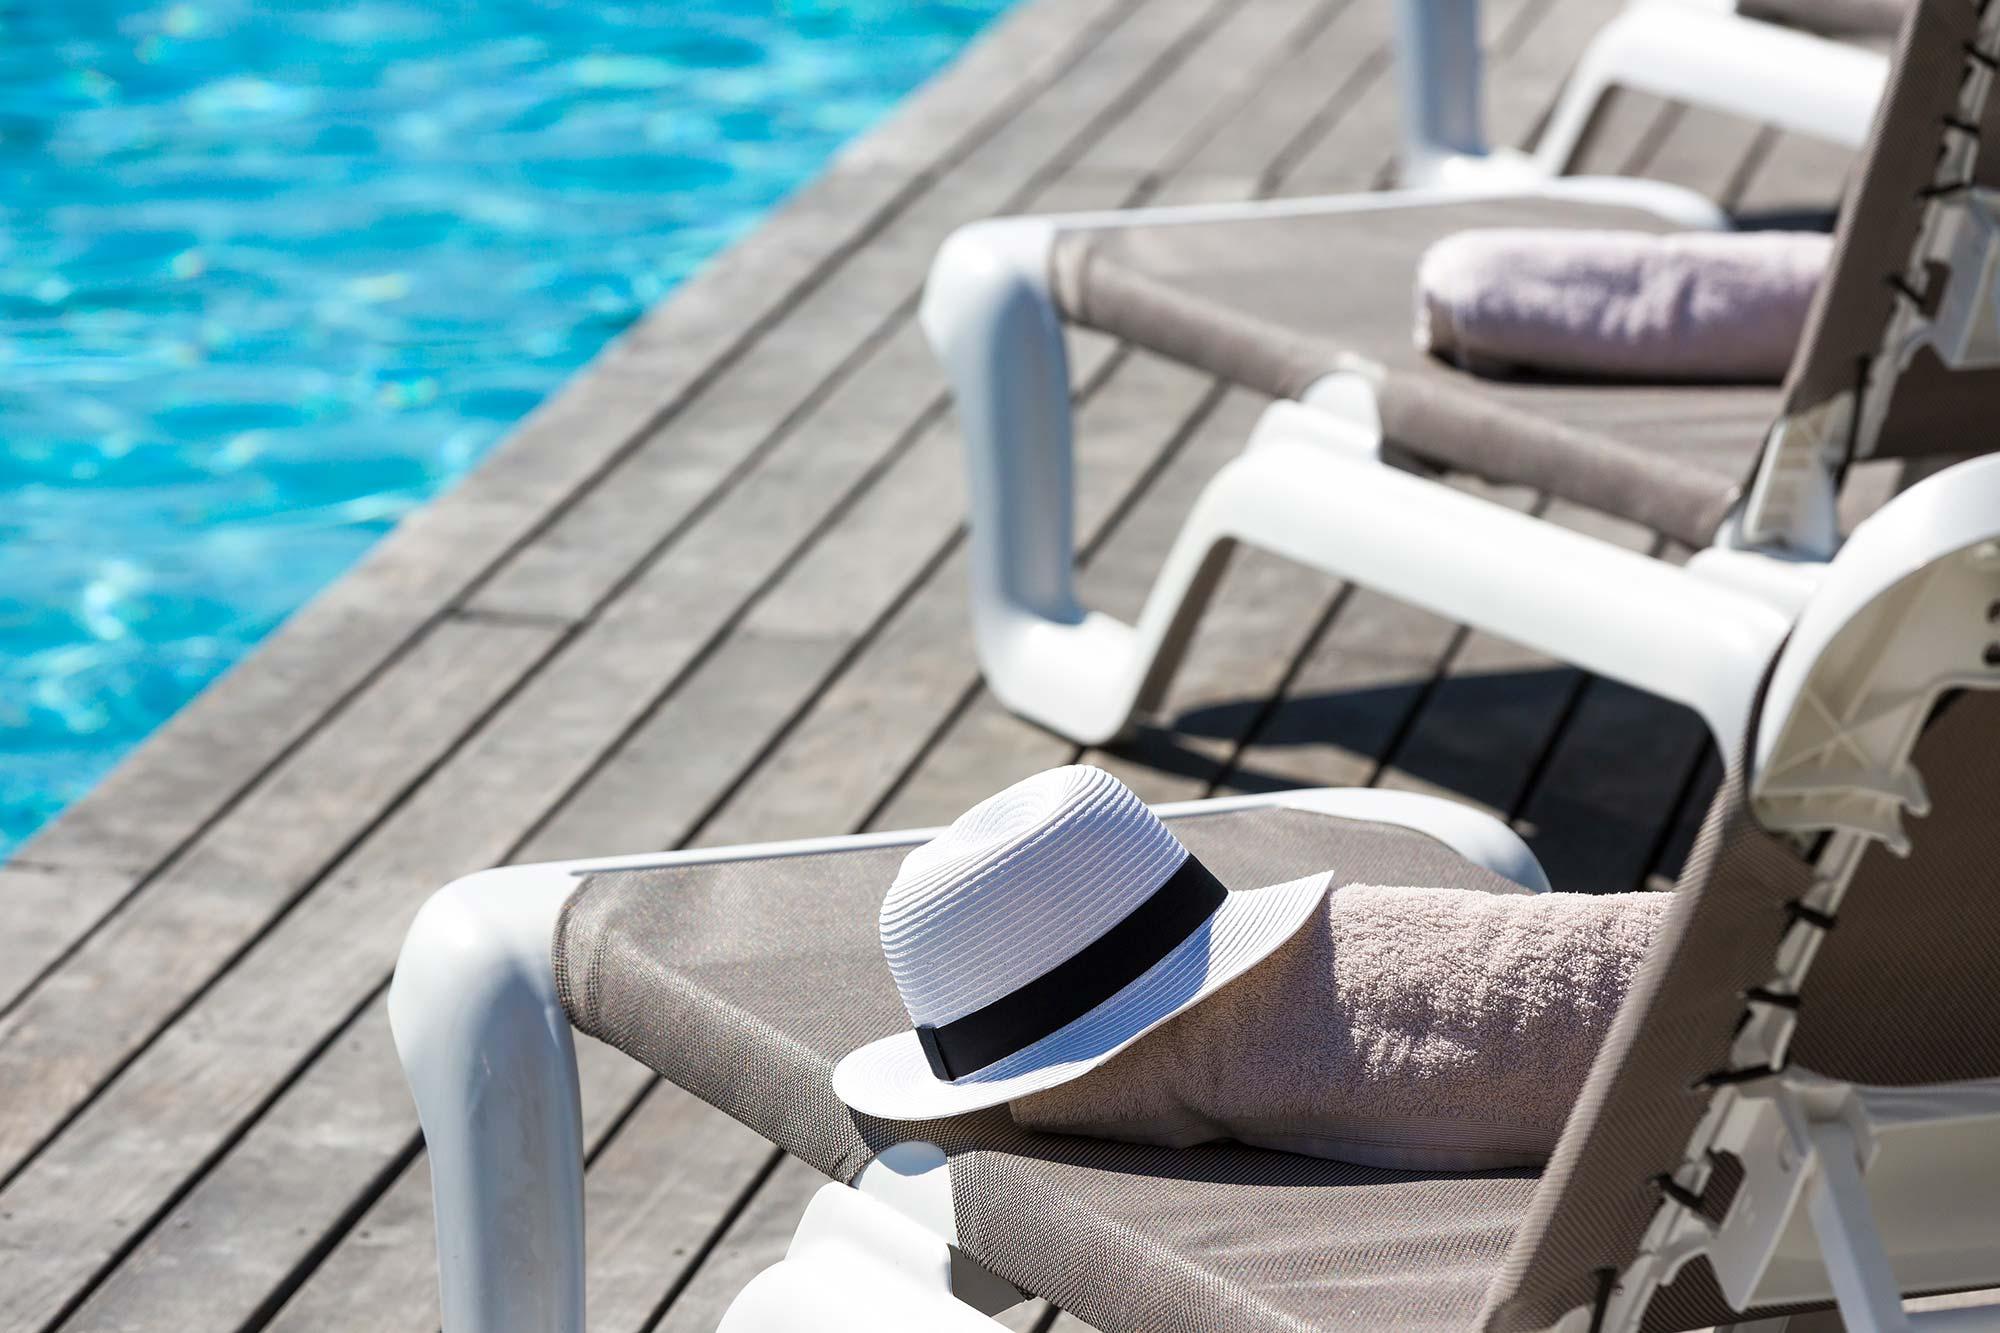 Détail de transat en bord de piscine avec canotier